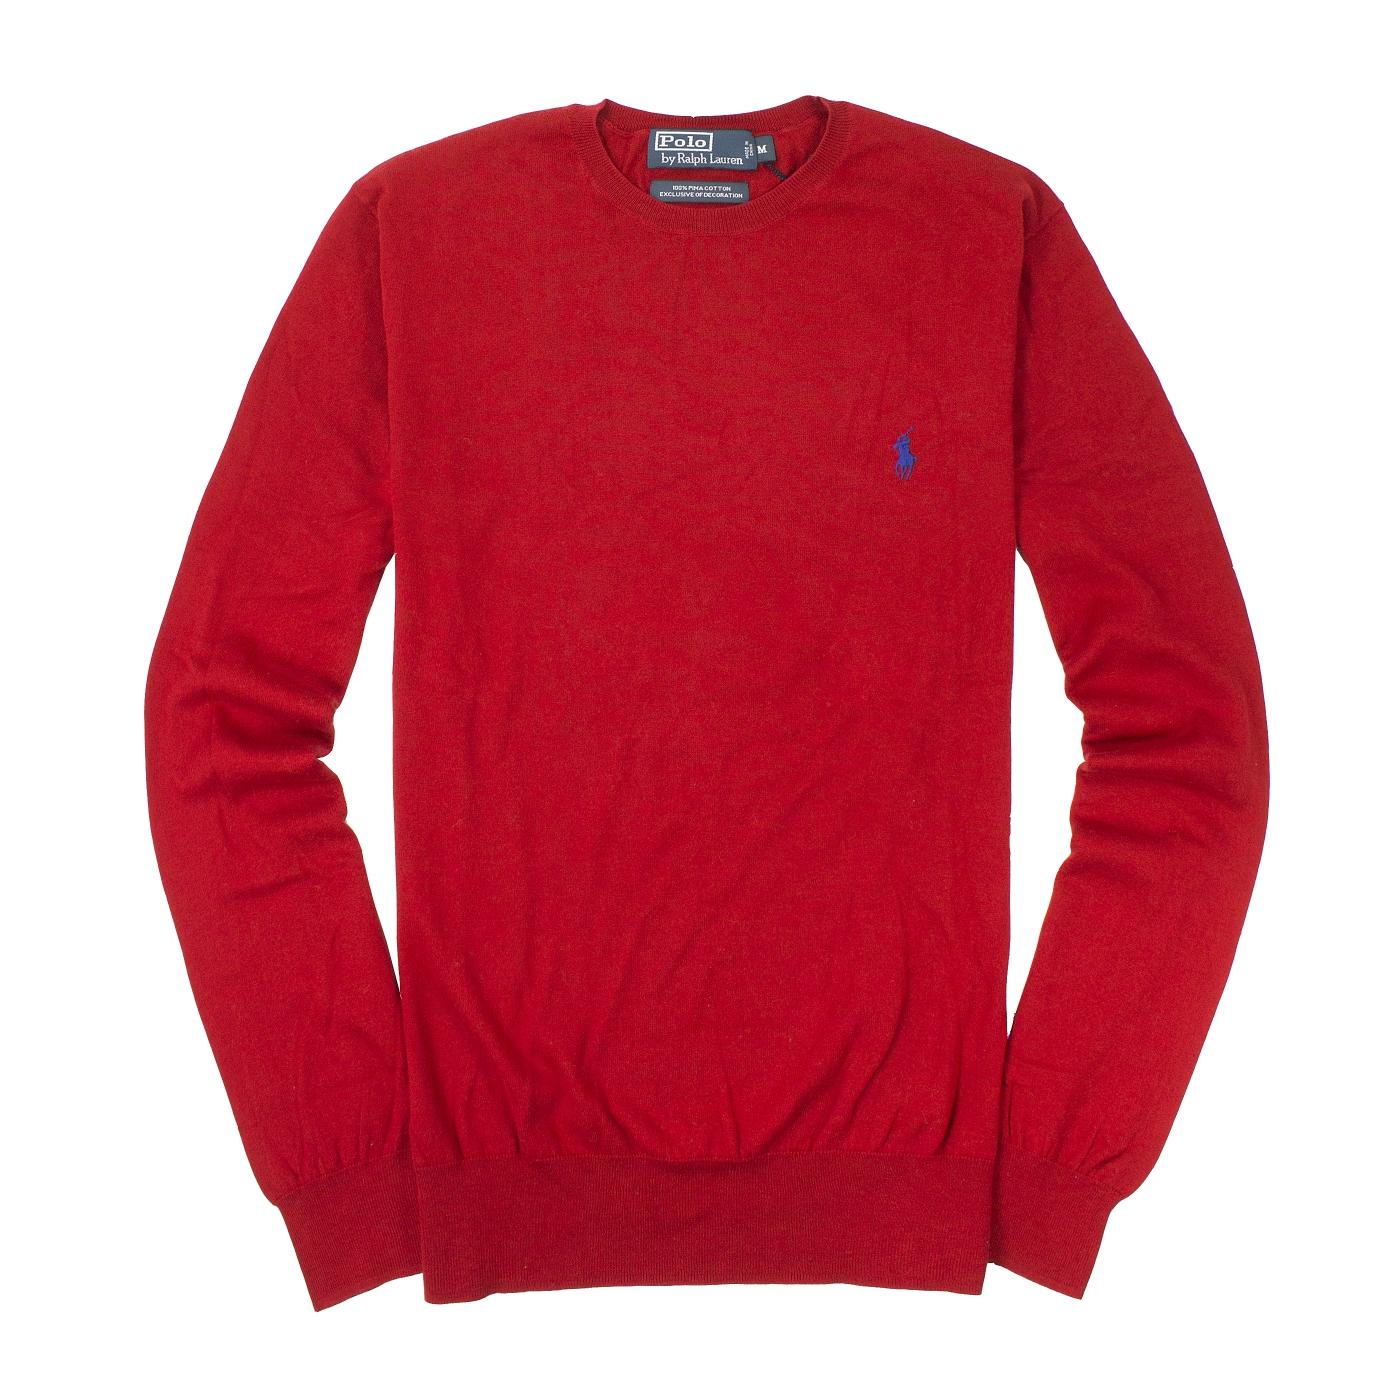 美國百分百【全新真品】Ralph Lauren 針織衫 RL 長袖 線衫 上衣 Polo 小馬 紅 圓領 薄 男 M號 B025